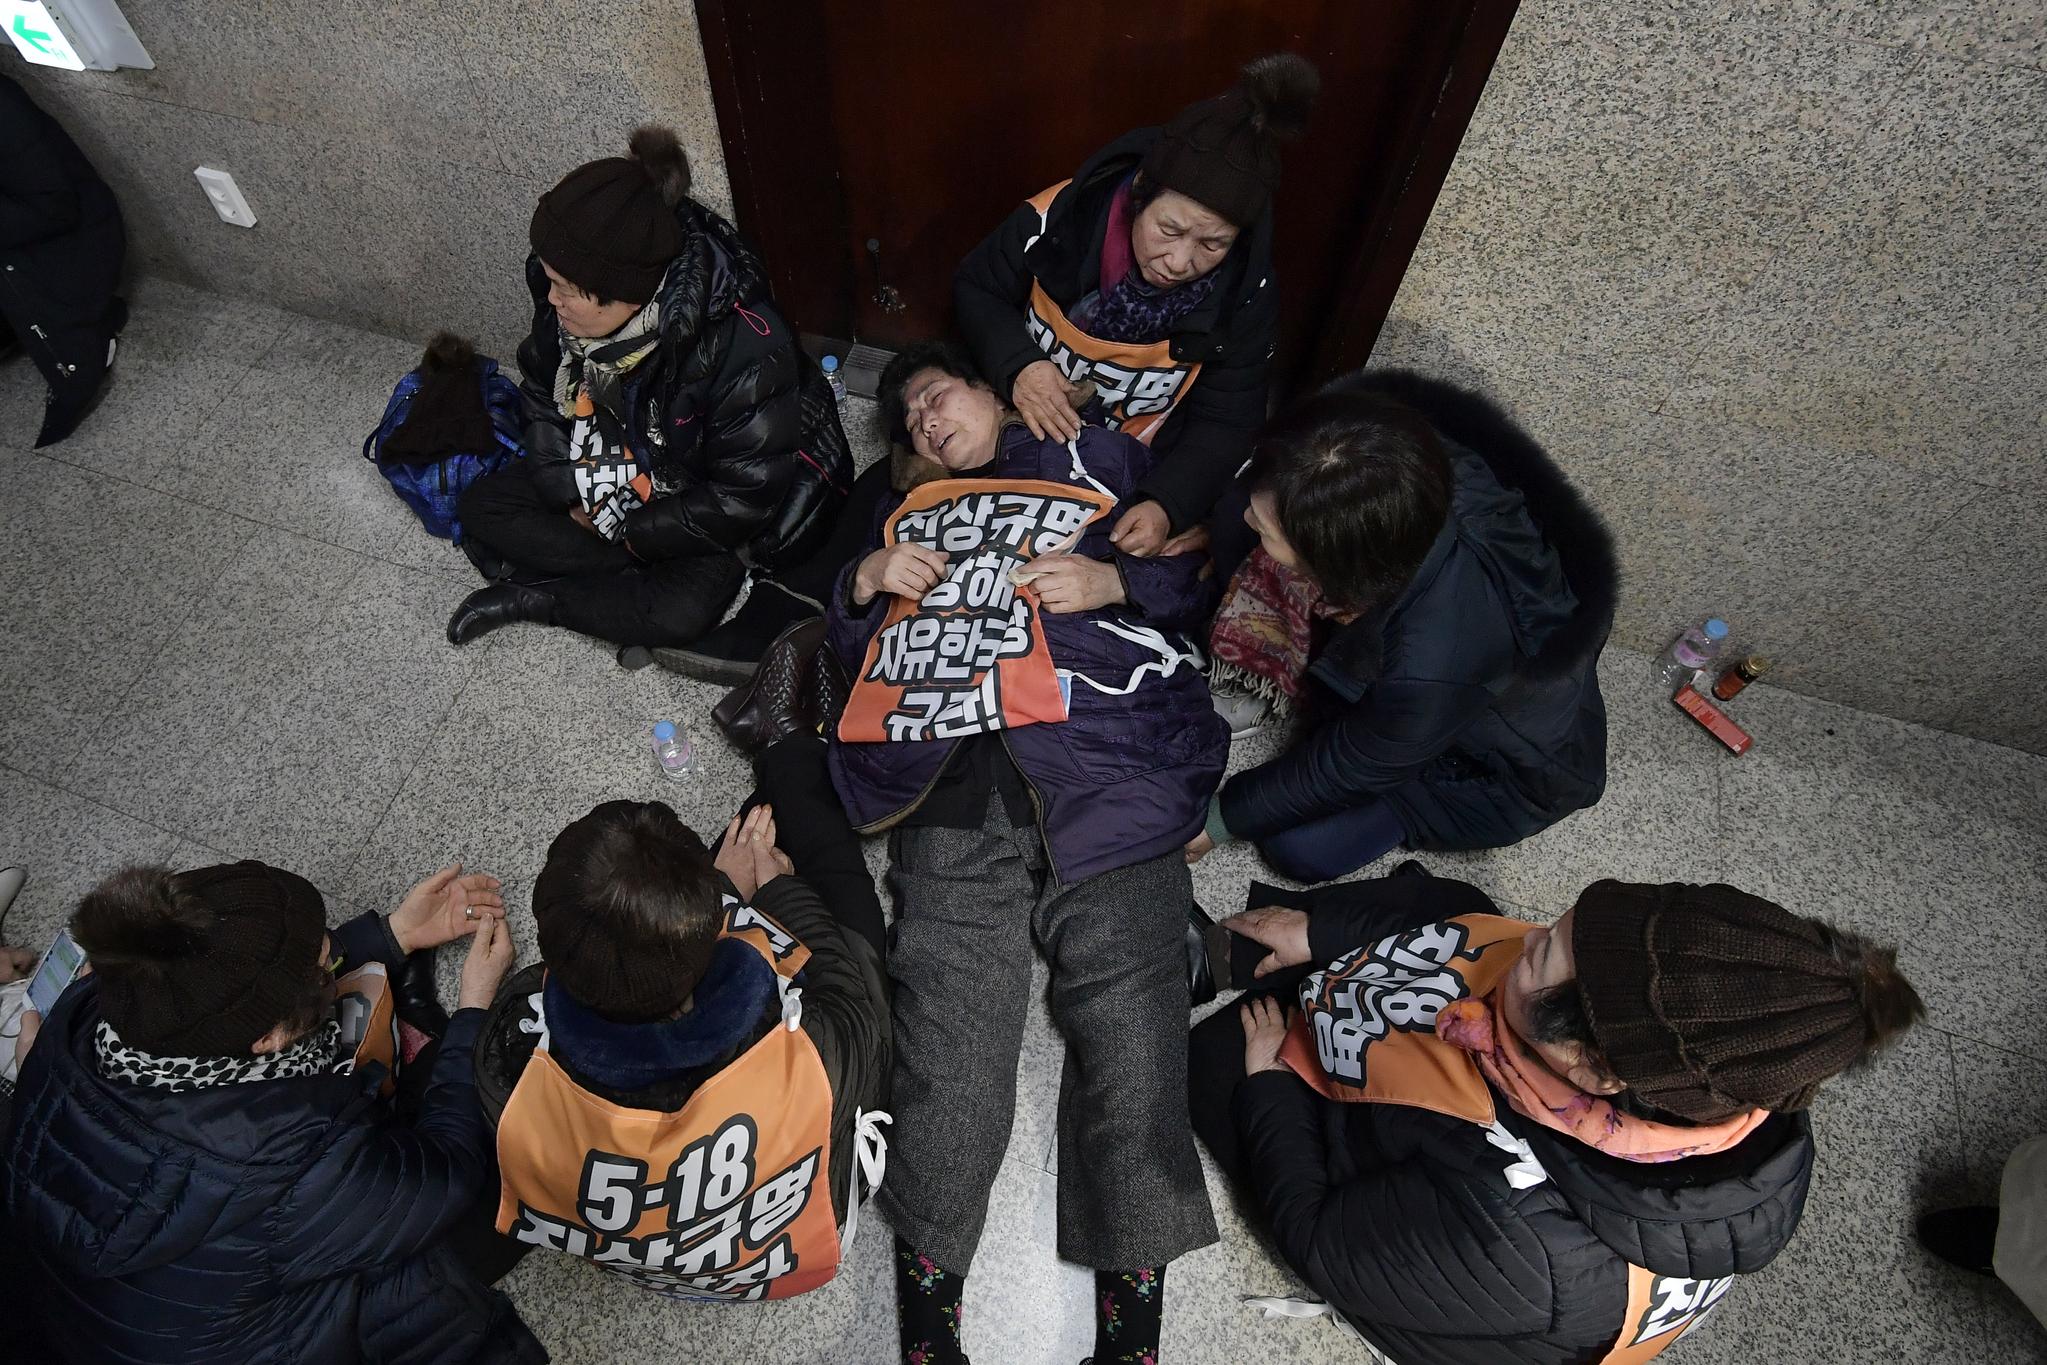 5·18 민주화운동 희생자·부상자 가족들이 14일 국회 자유한국당 원내대표실 앞에서 나경원 원내대표와 5.18 진상규명조사위원 추천 건으로 면담을 요구하며 농성하고 있다. [연합뉴스]